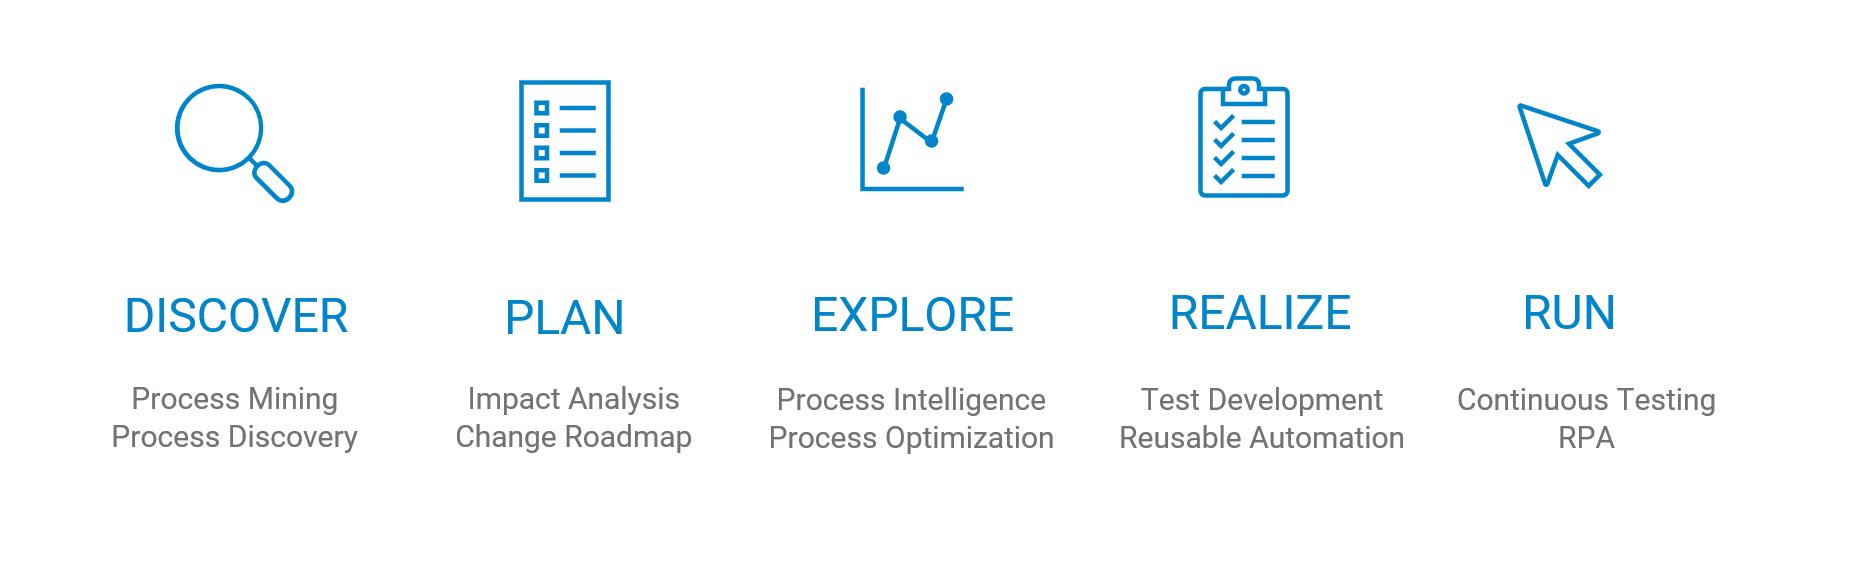 process mining process discovery impact analysis process optimization